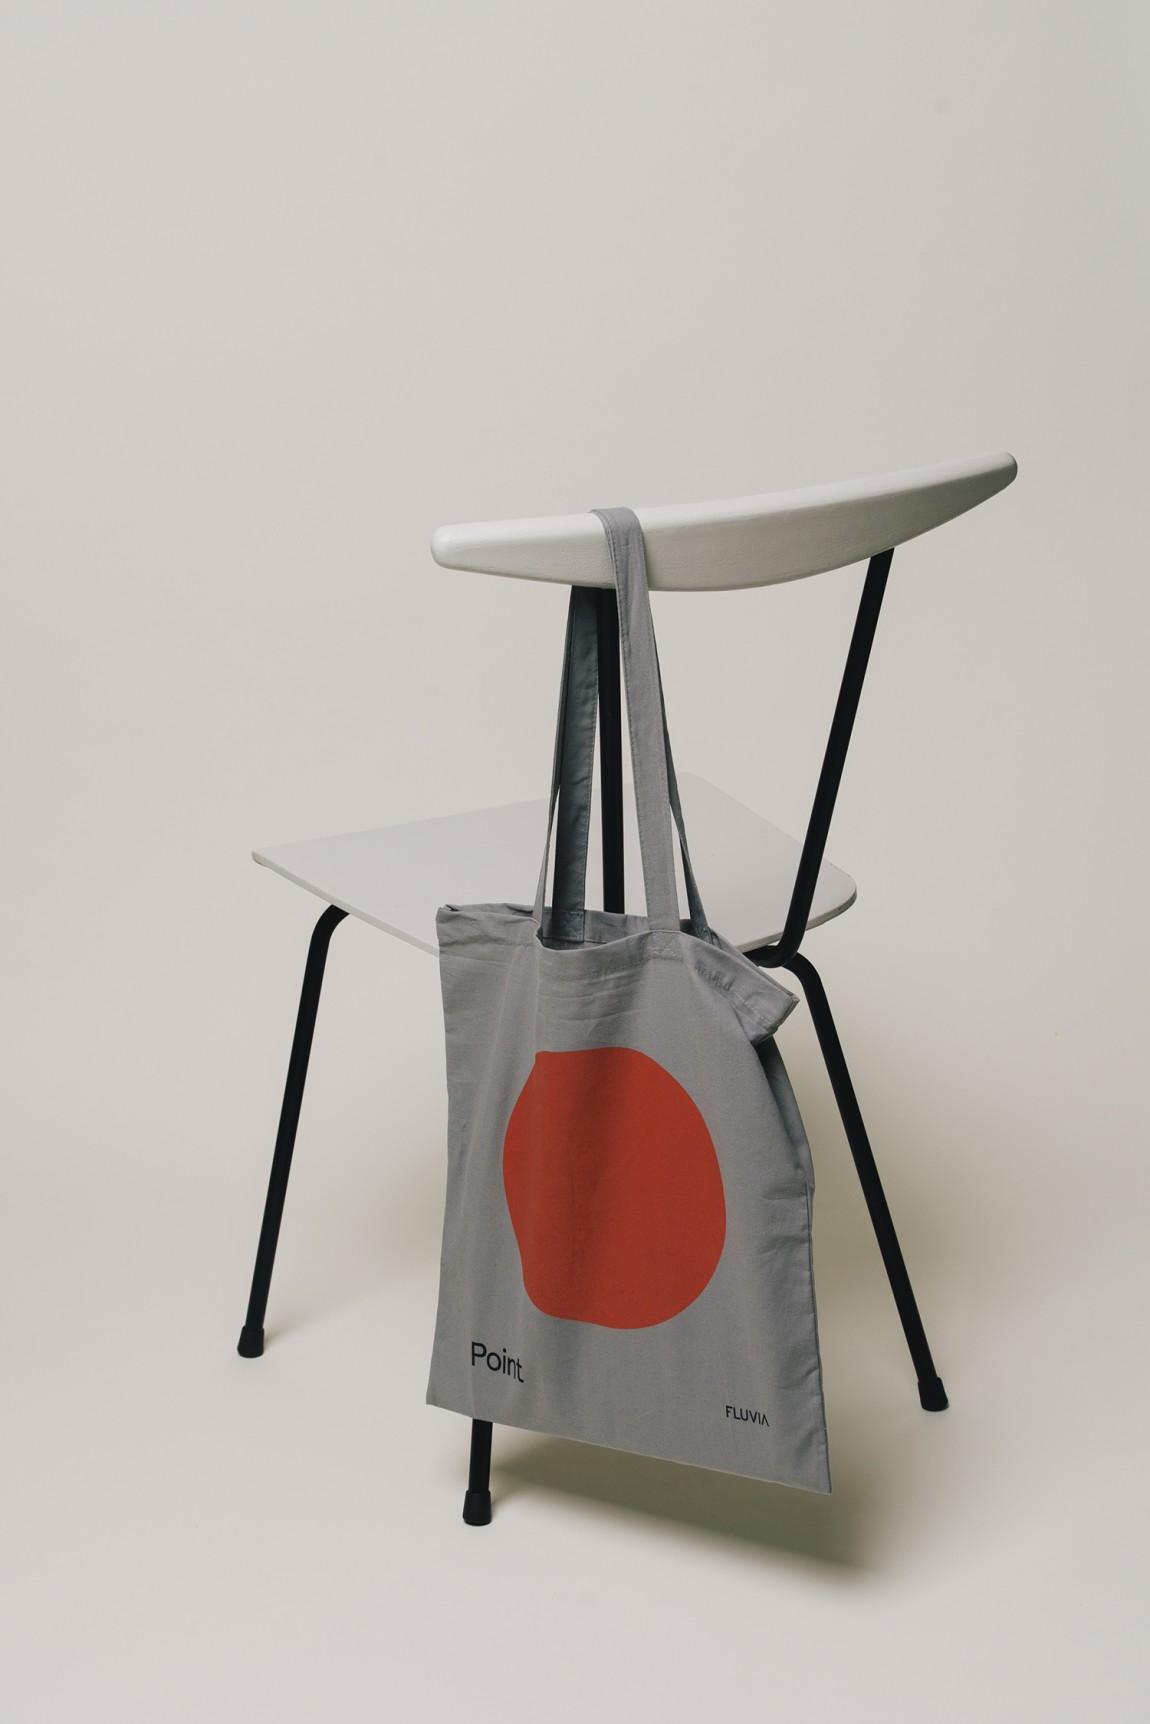 Fluvia照明产品形象设计,手提袋设计